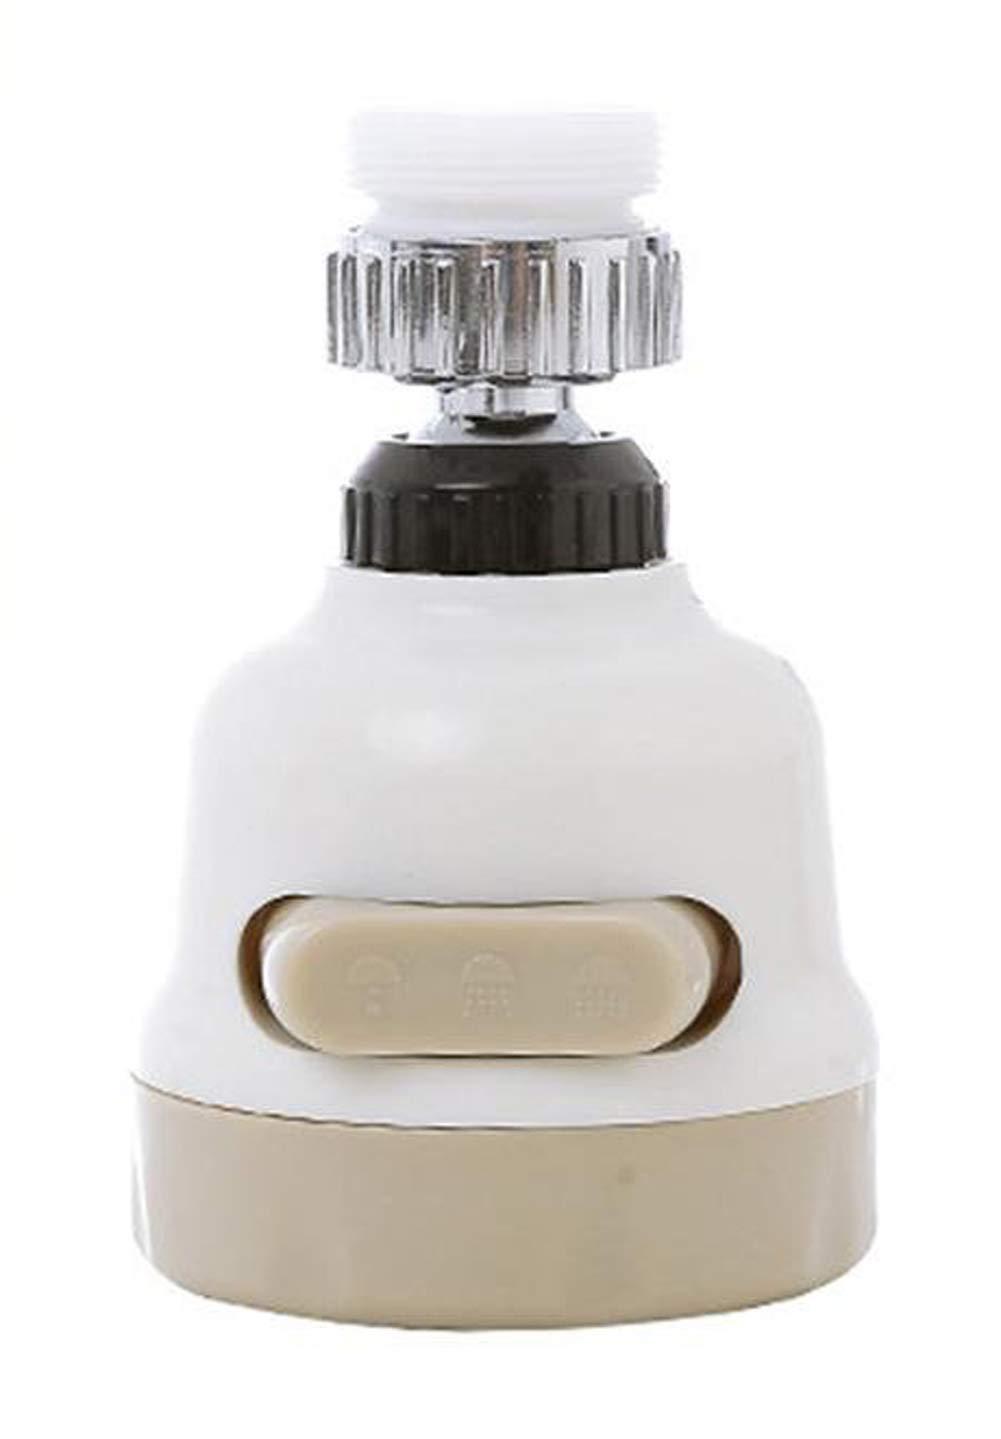 Grifo pulverizador de tres engranajes ajustable, tapó n de ahorro de agua antisalpicaduras, boquilla de grifo filtro aireador difusor para cocina bañ o tapón de ahorro de agua antisalpicaduras JRong